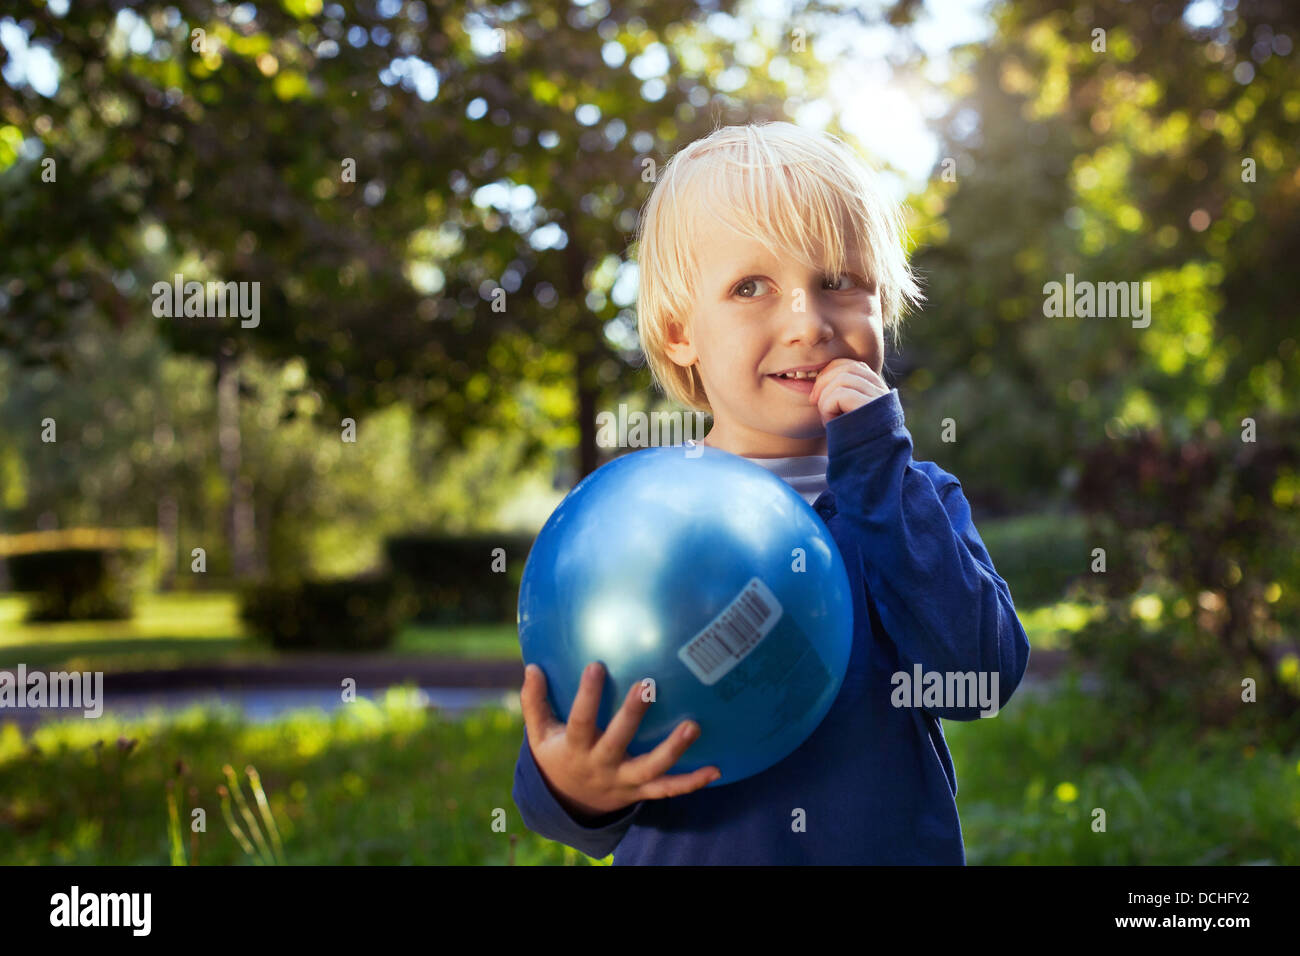 Poco chico lindo con el balón mirando hacia arriba Imagen De Stock